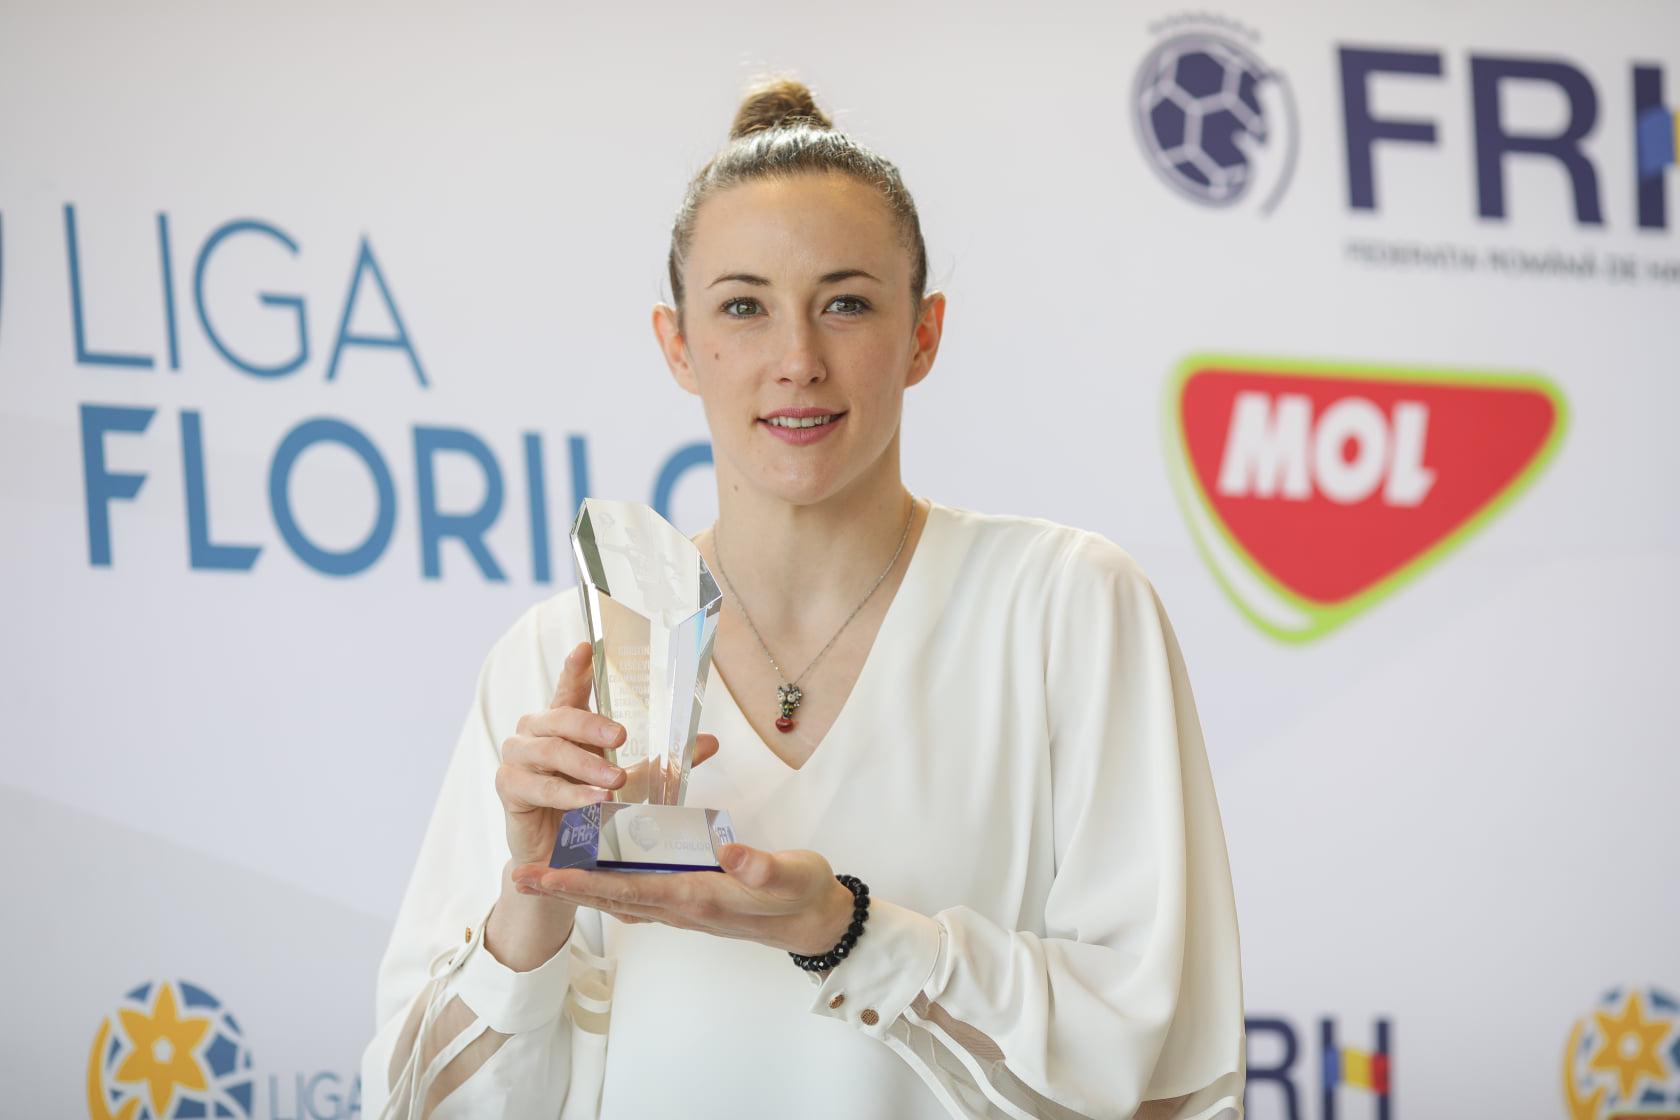 Kiki Liscevic a fost desemnată cea mai bună stranieră din campionat în sezonul trecut